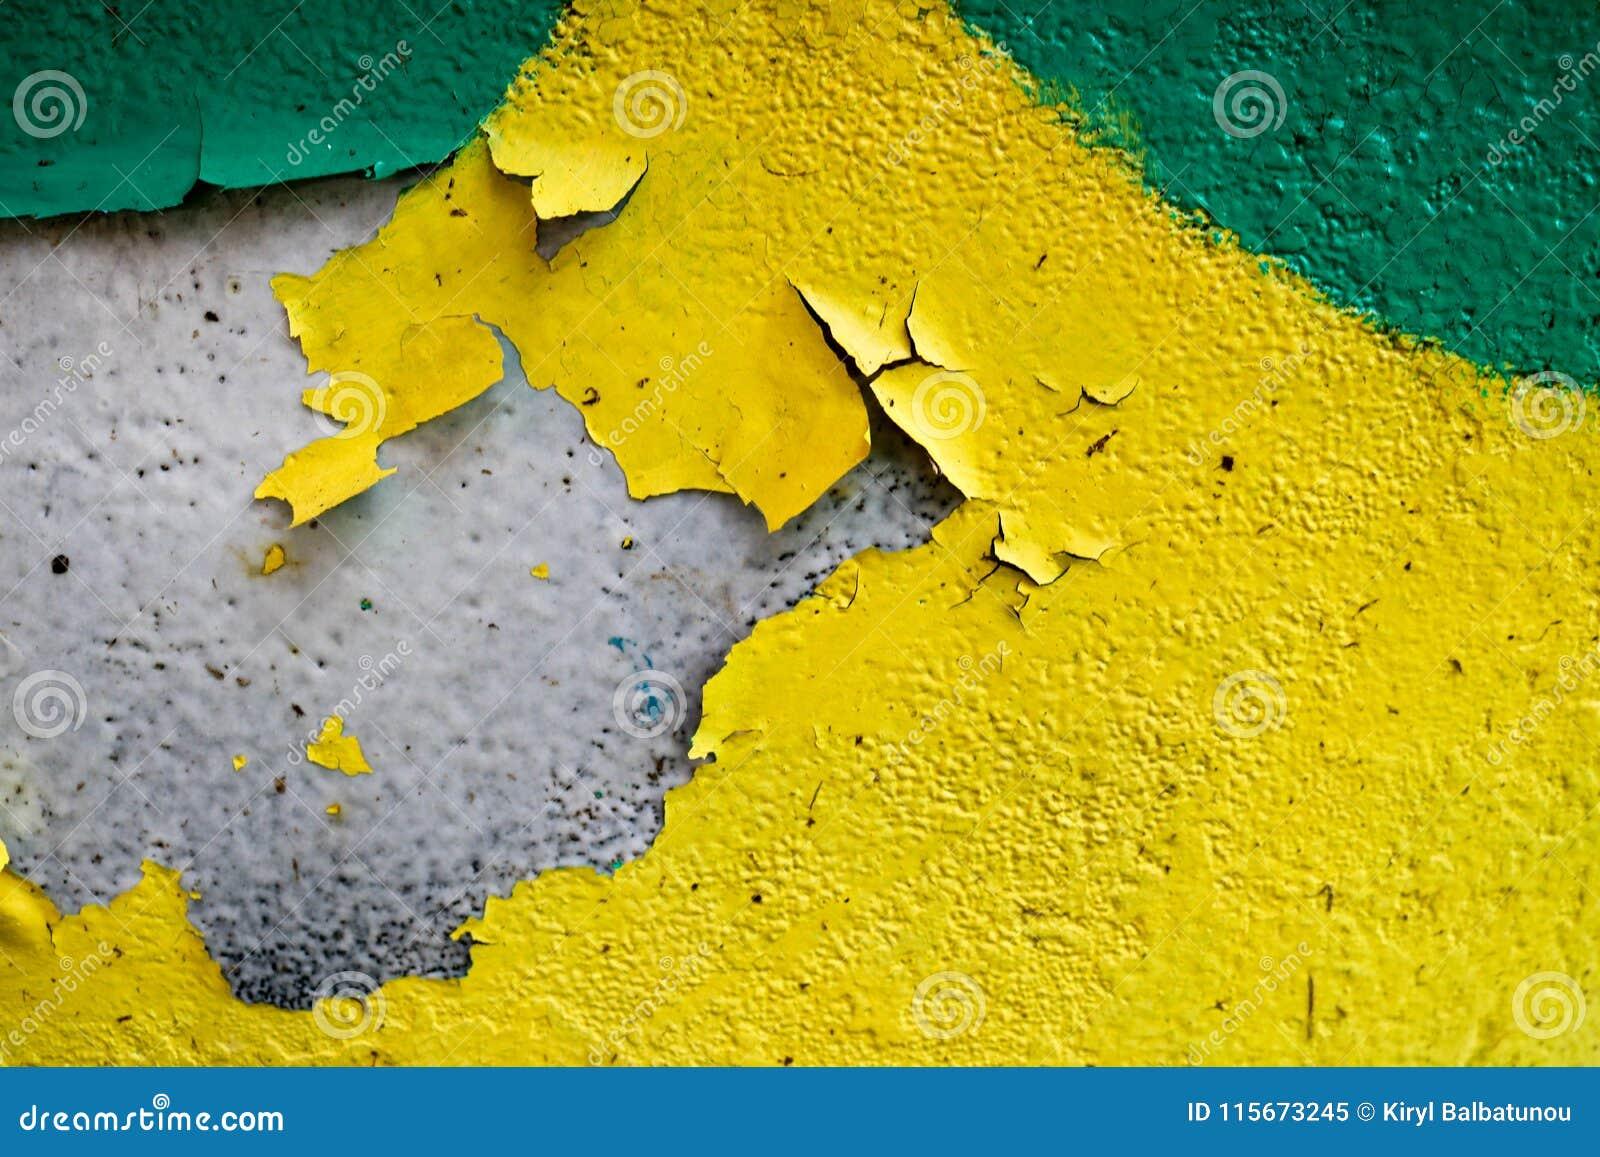 De textuur van twee kleurt gele en groene oude sjofele concrete muur met bolvormige schil varicoloured verf, kuilen en patronen